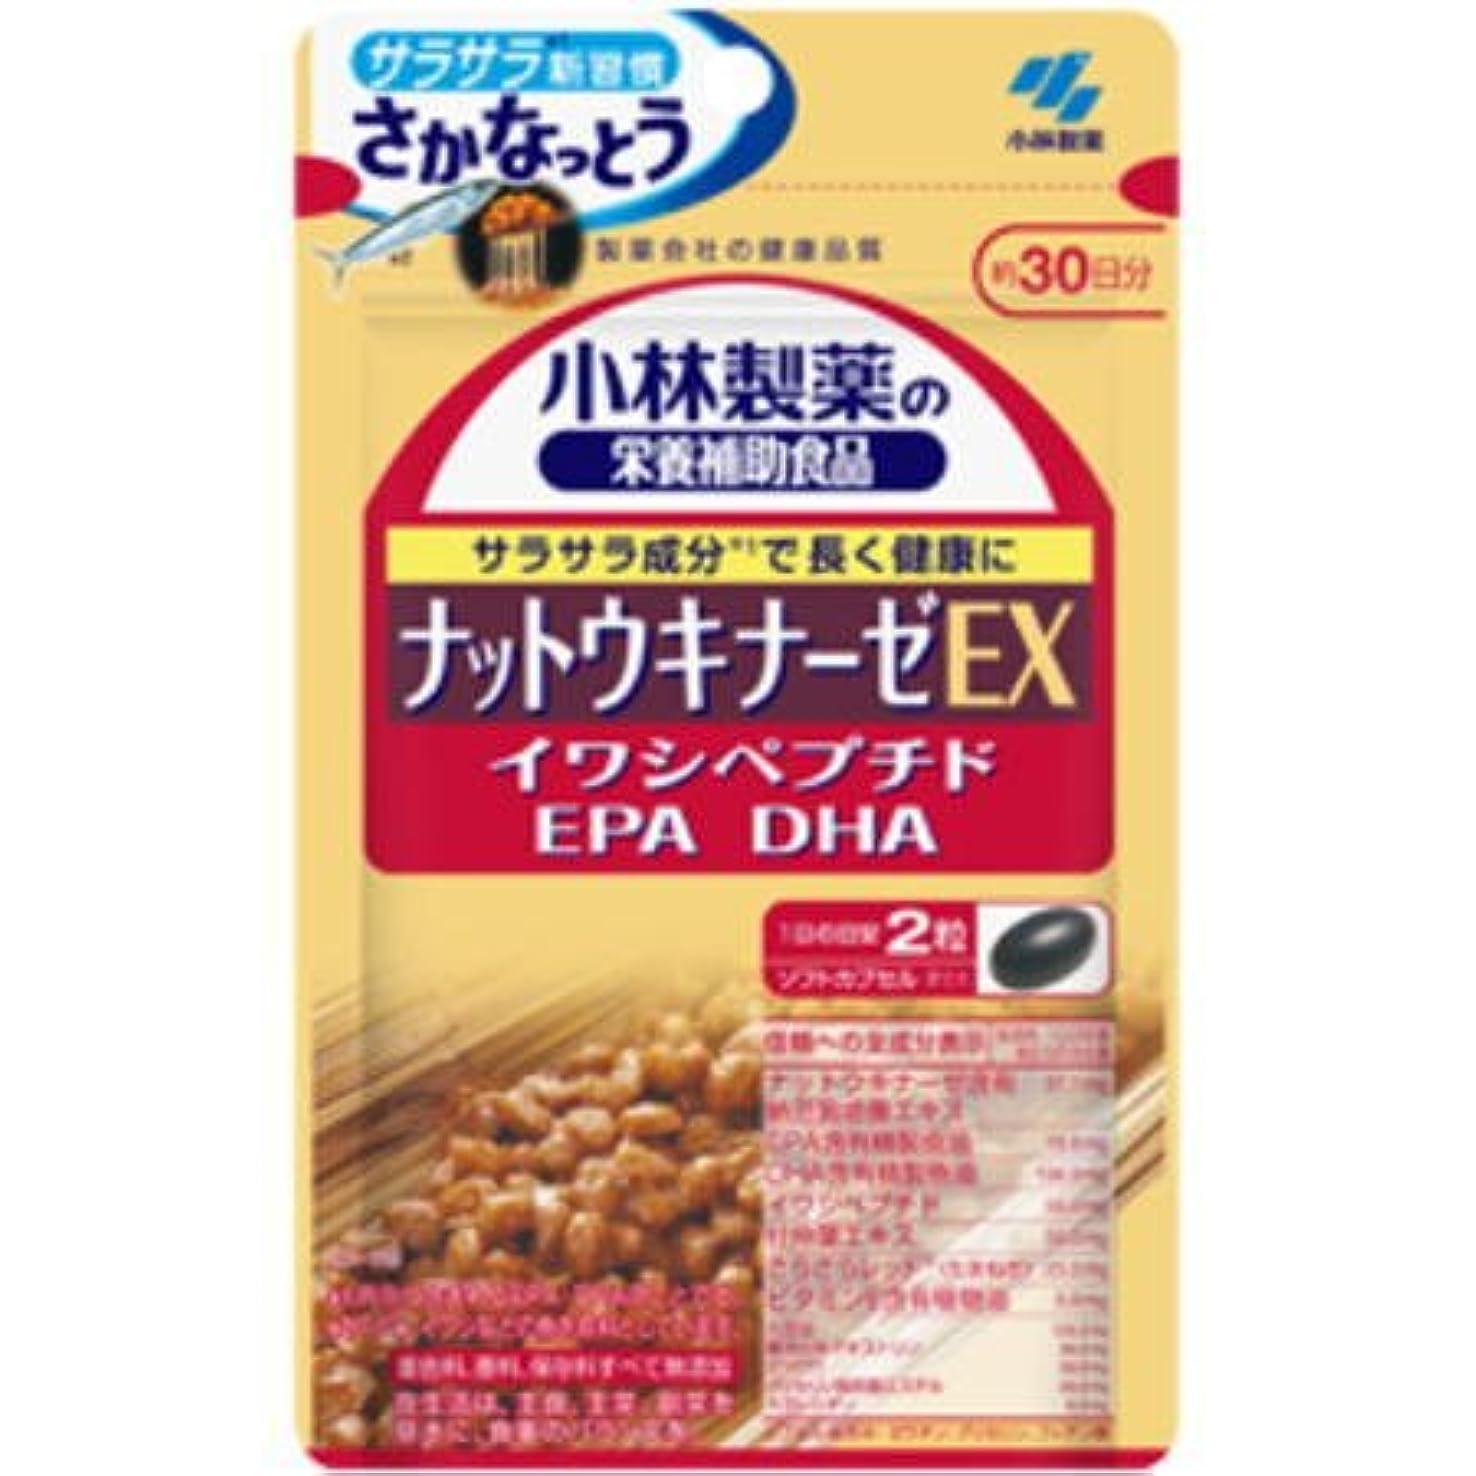 野心ジャンル助けになる小林製薬 ナットウキナーゼ EX 60粒【ネコポス発送】